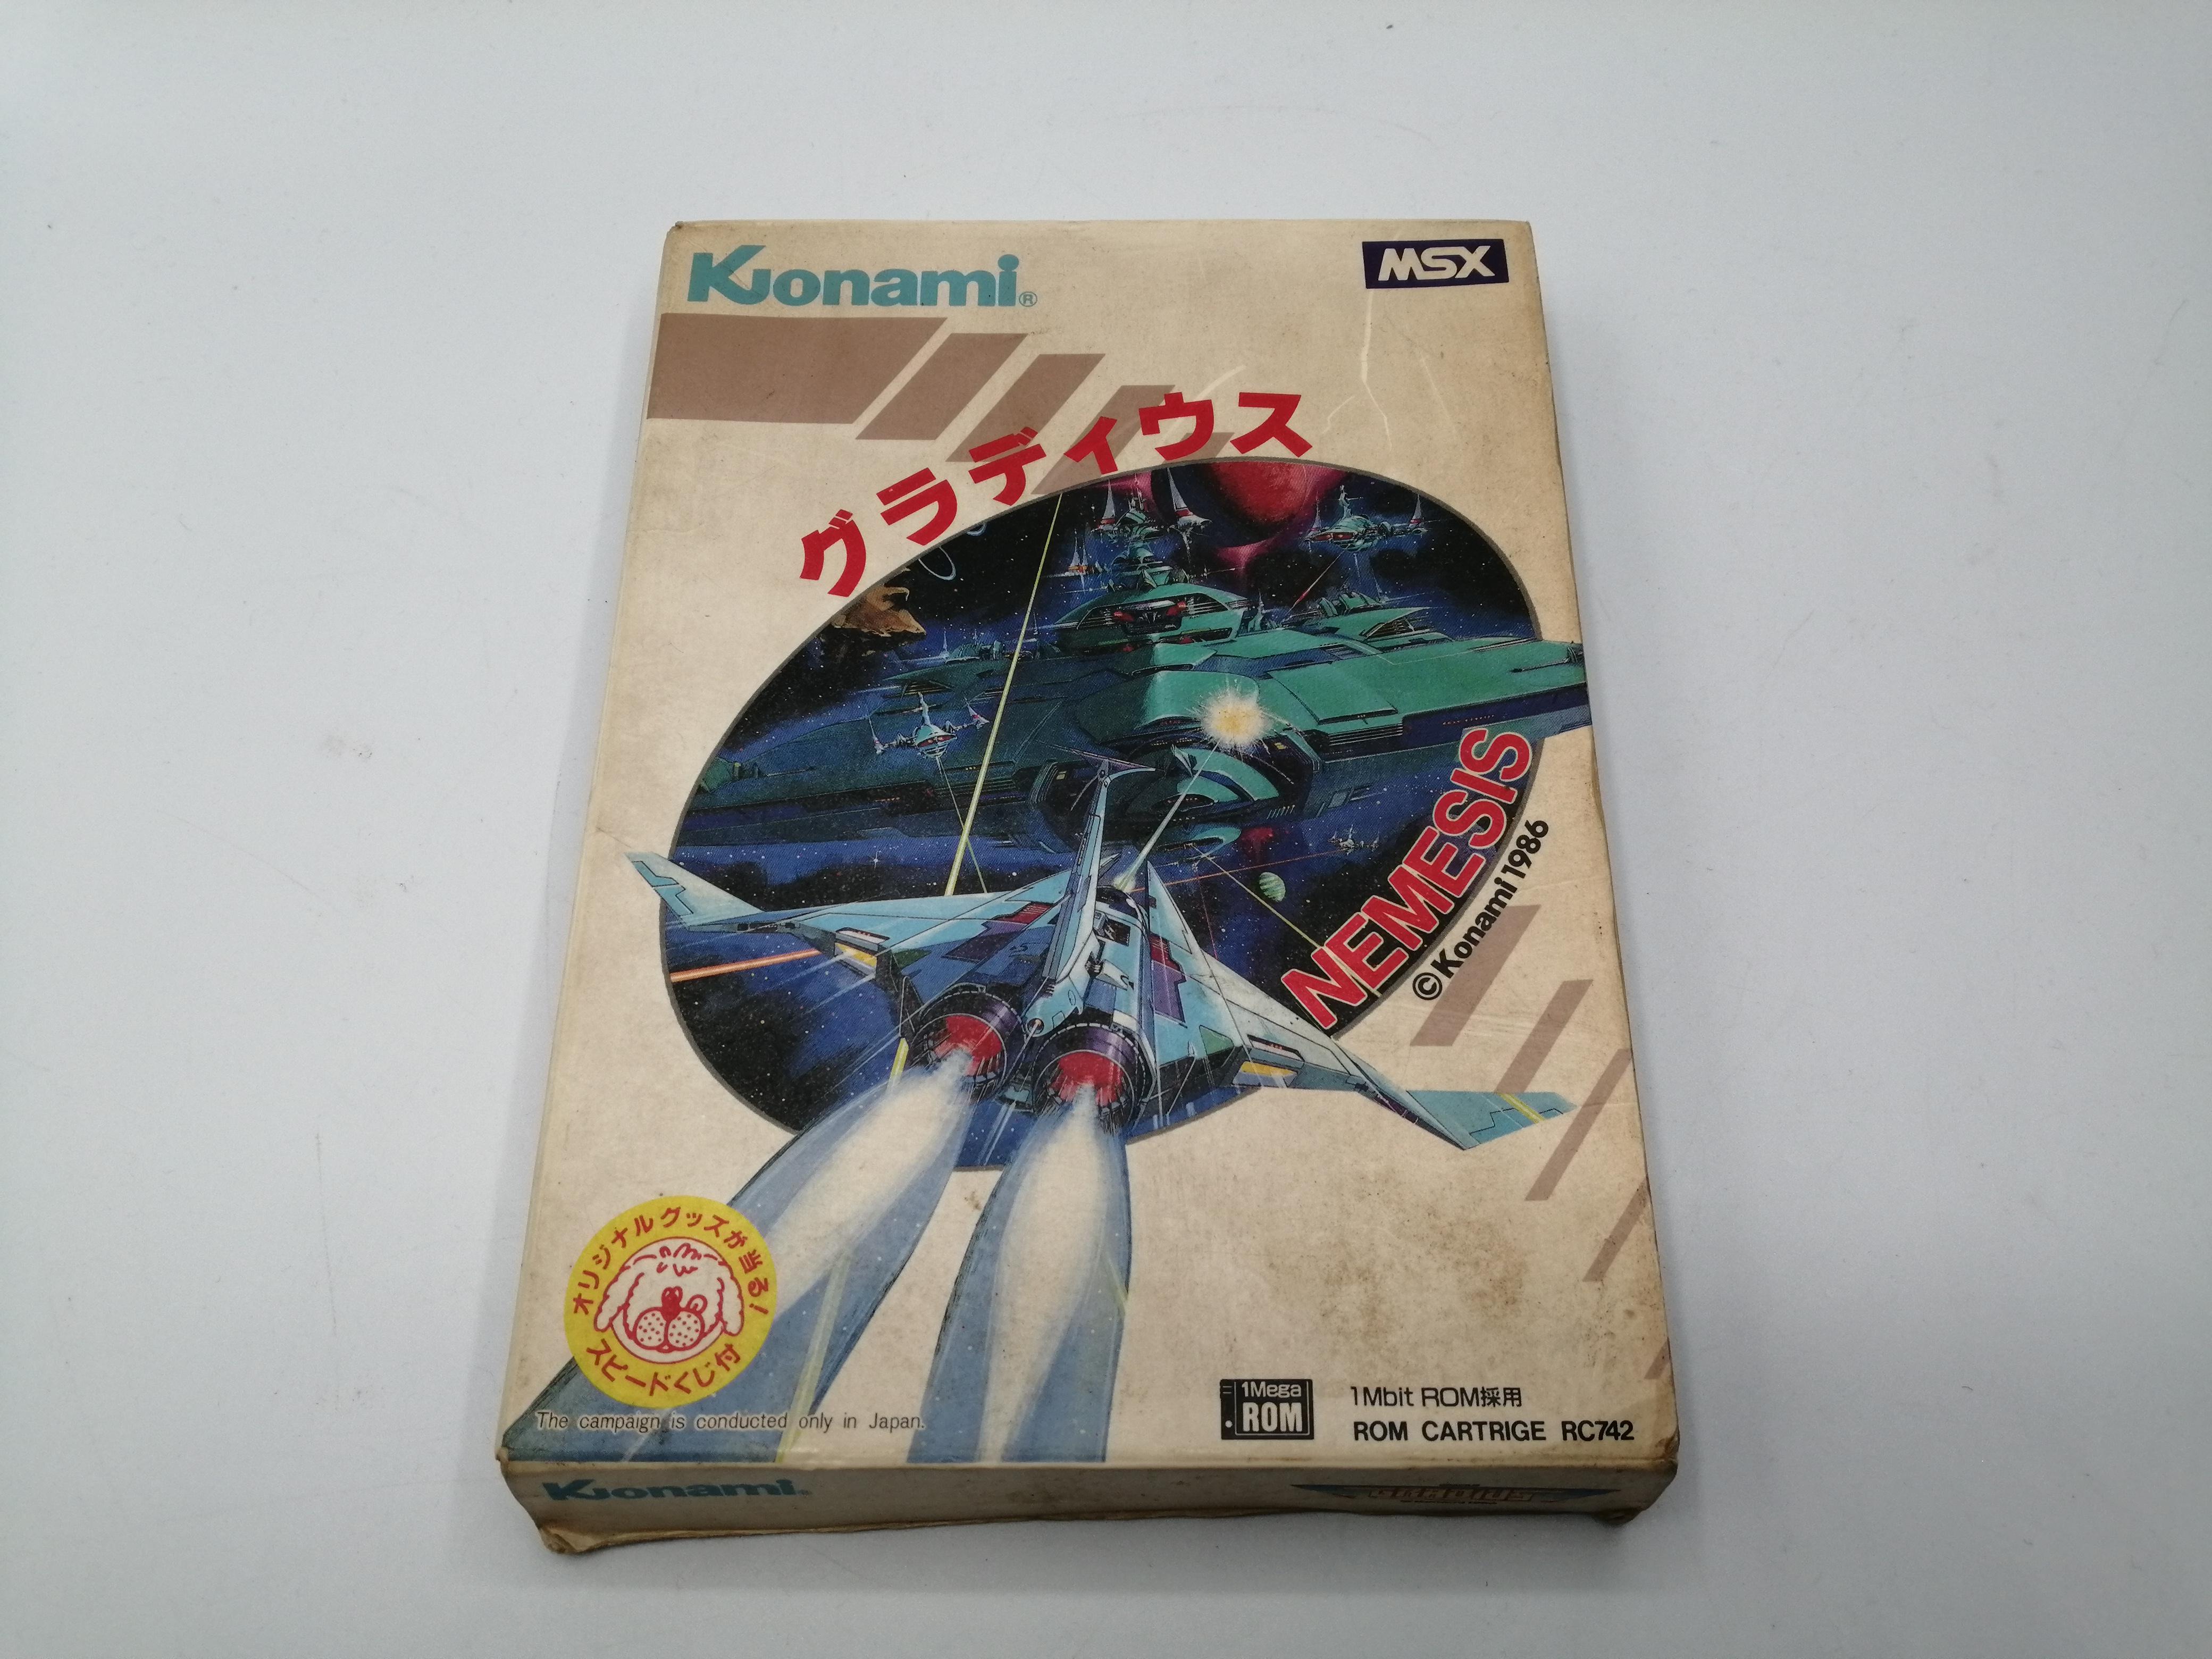 (ネコポス発送)グラディウス MSX|KONAMI